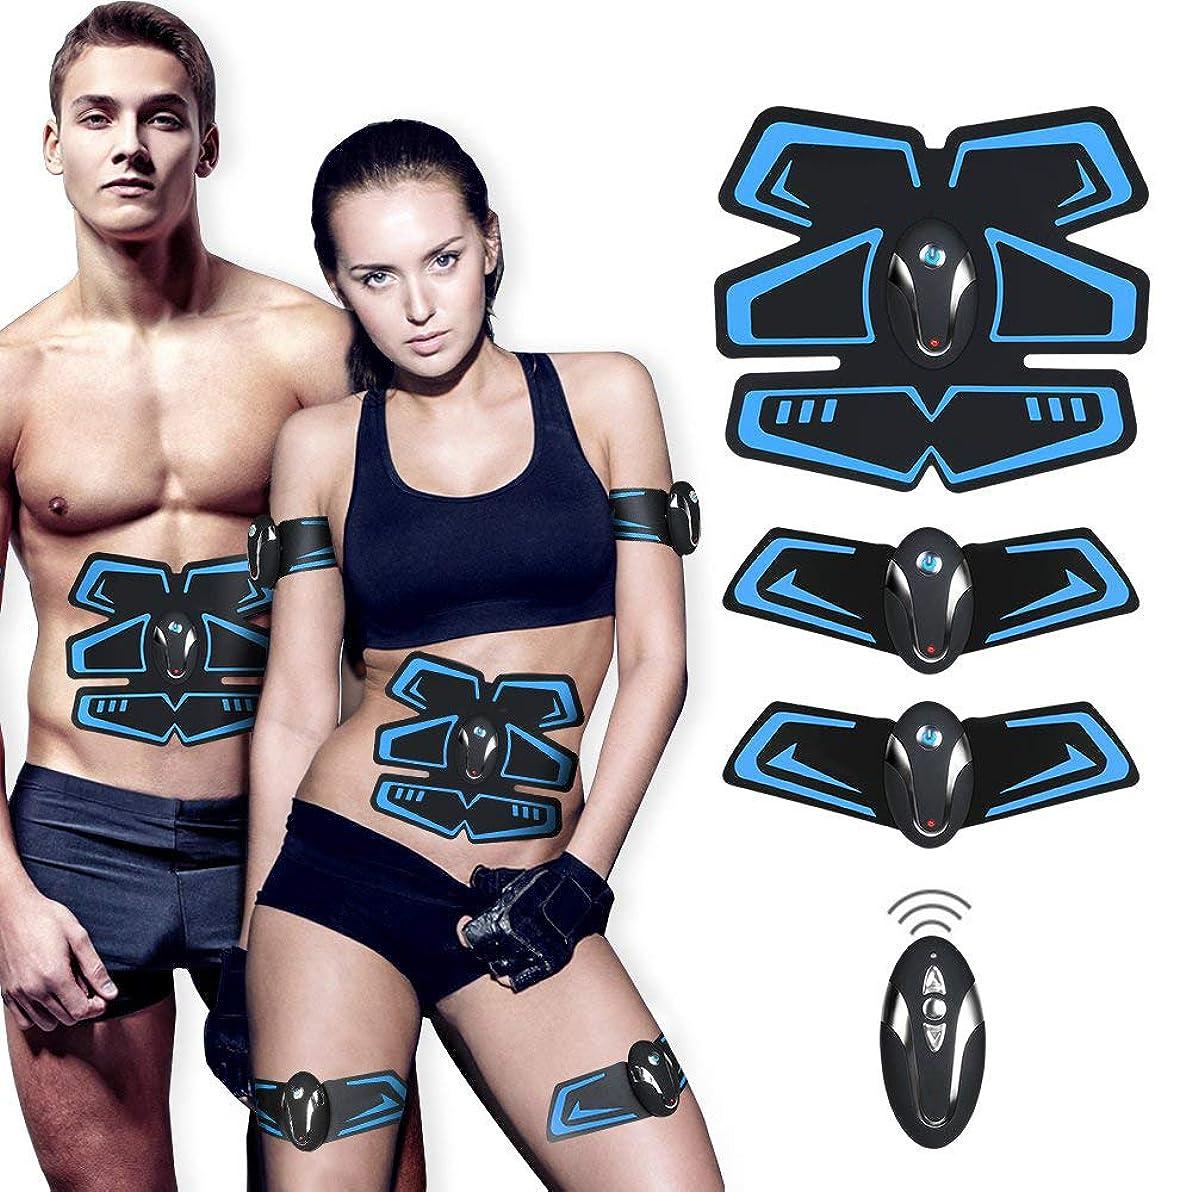 縁石きしむ翻訳者電気腹部筋肉刺激装置、ボディウエストトレーナー、フィットネス痩身ベルト男性と女性の減量マッサージ